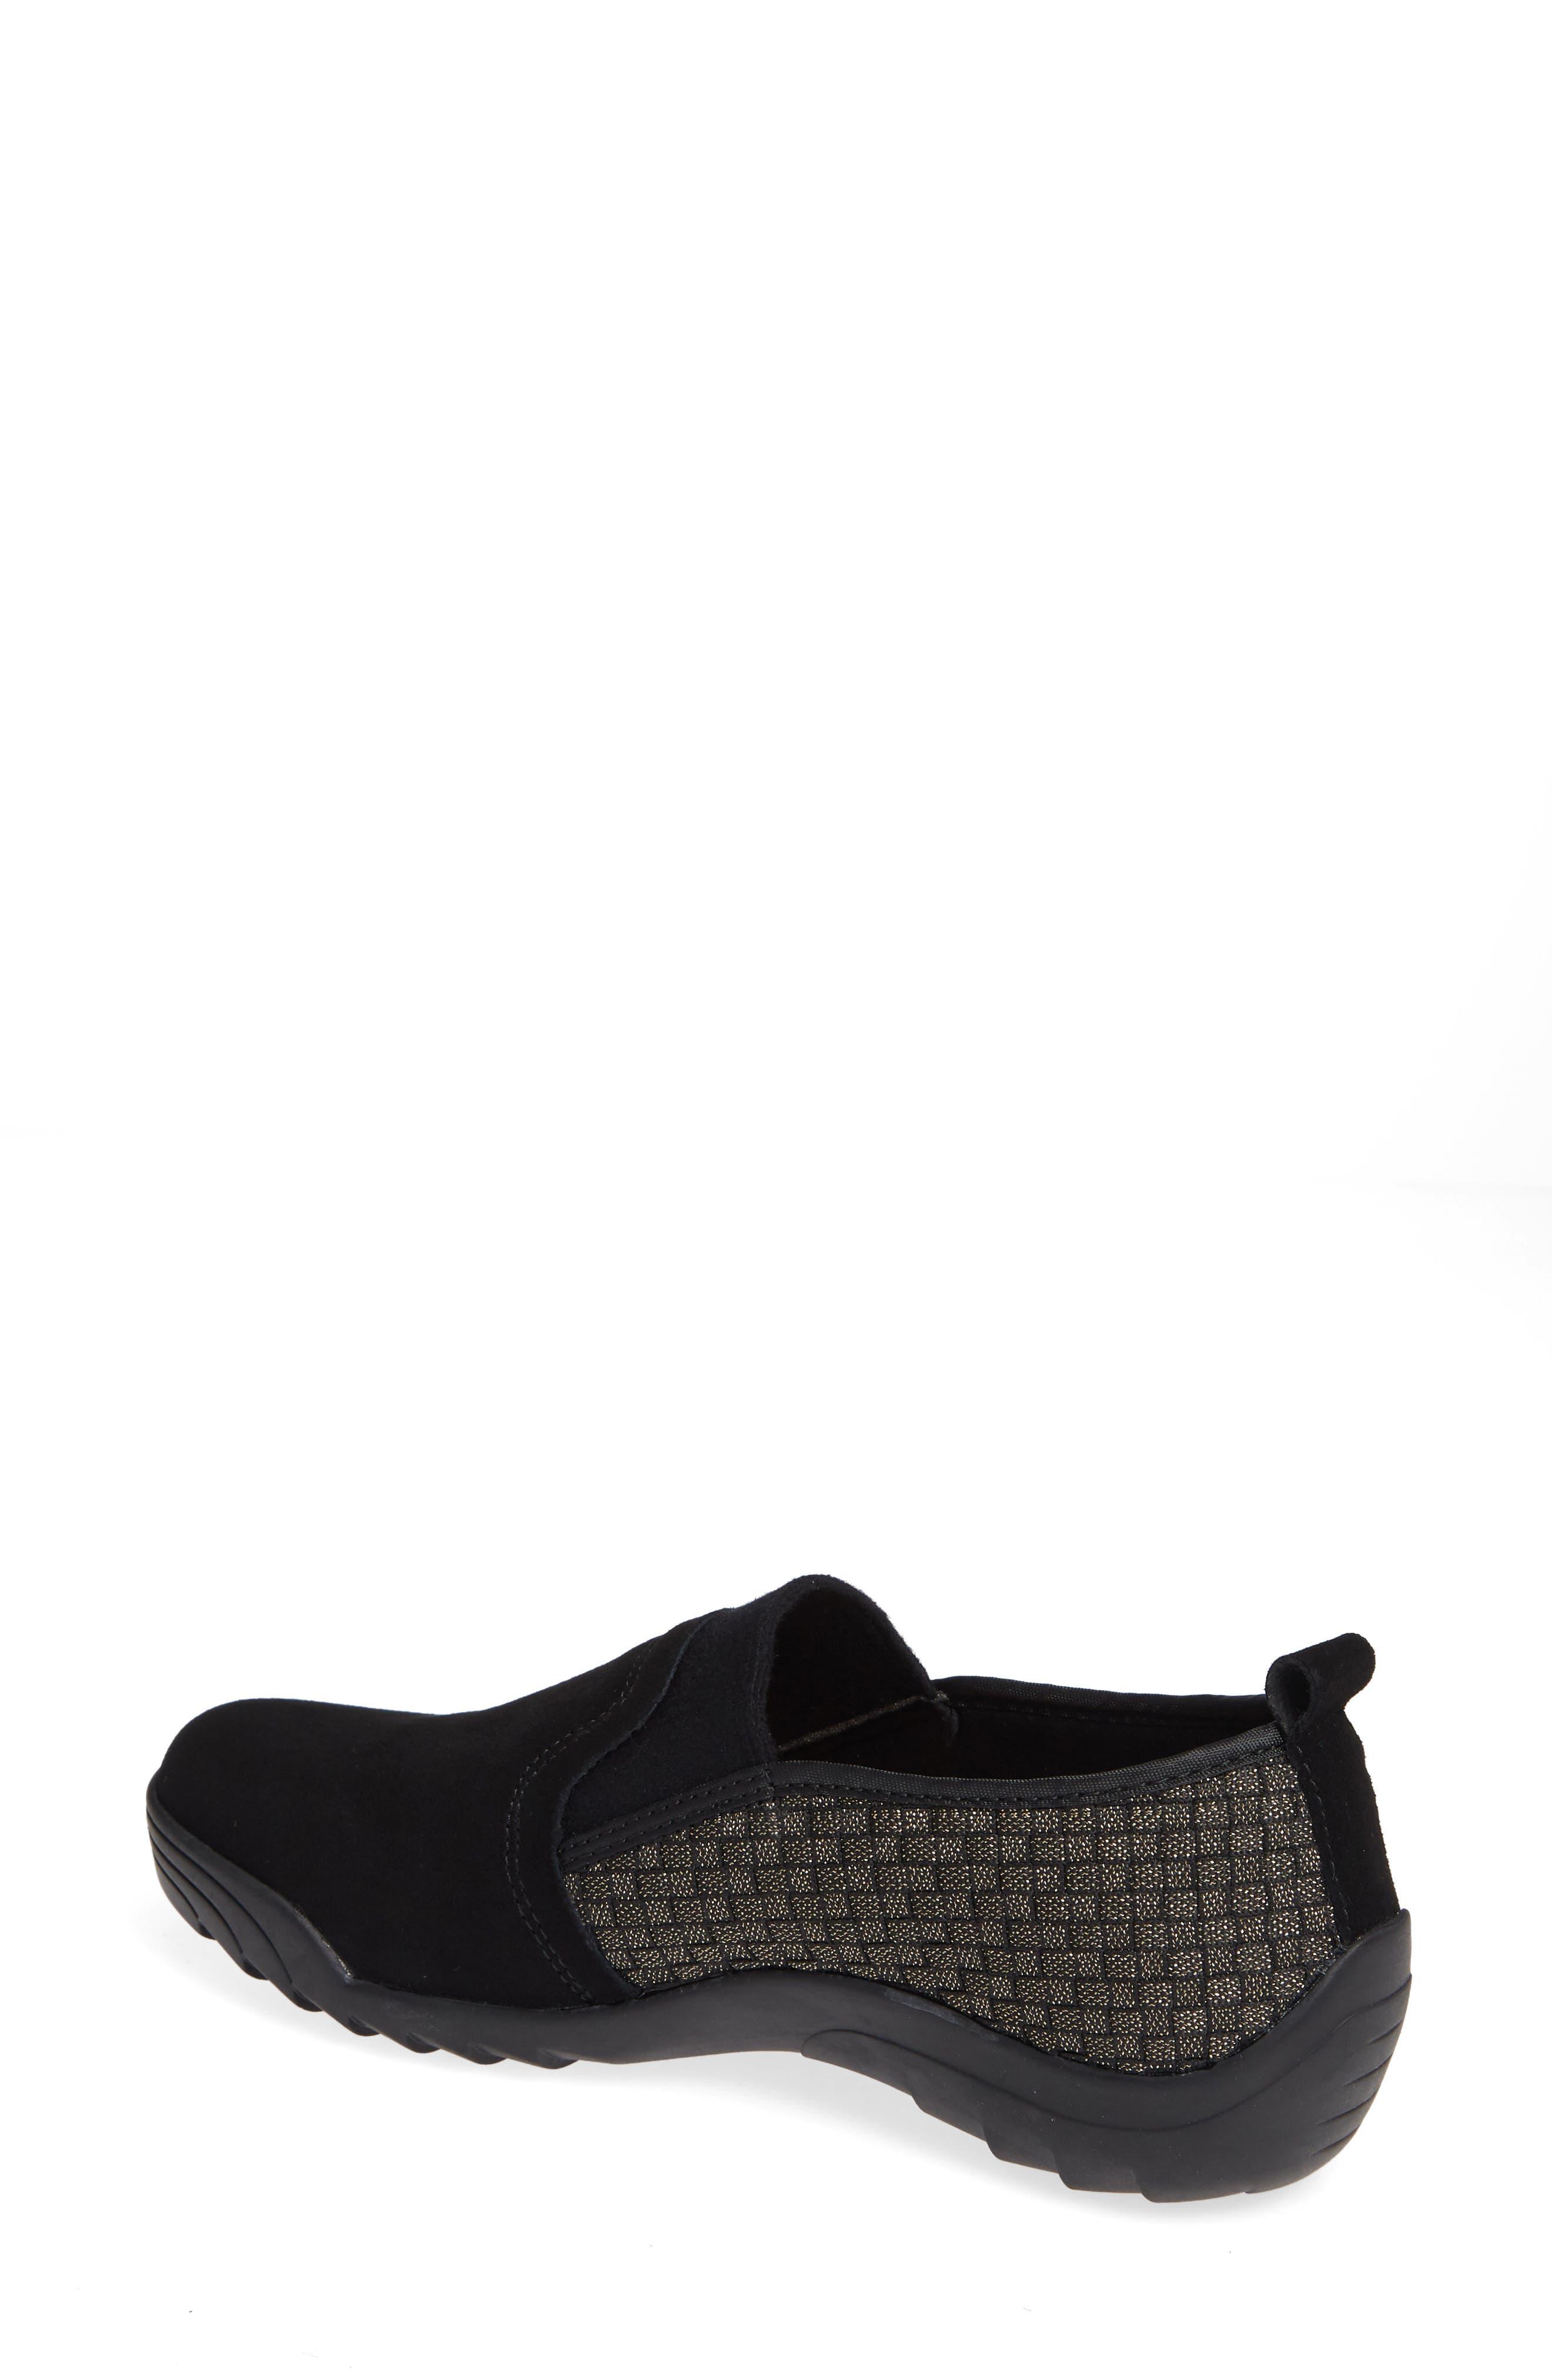 Swift Slip-On Sneaker,                             Alternate thumbnail 2, color,                             Gold Black Shimmer Leather